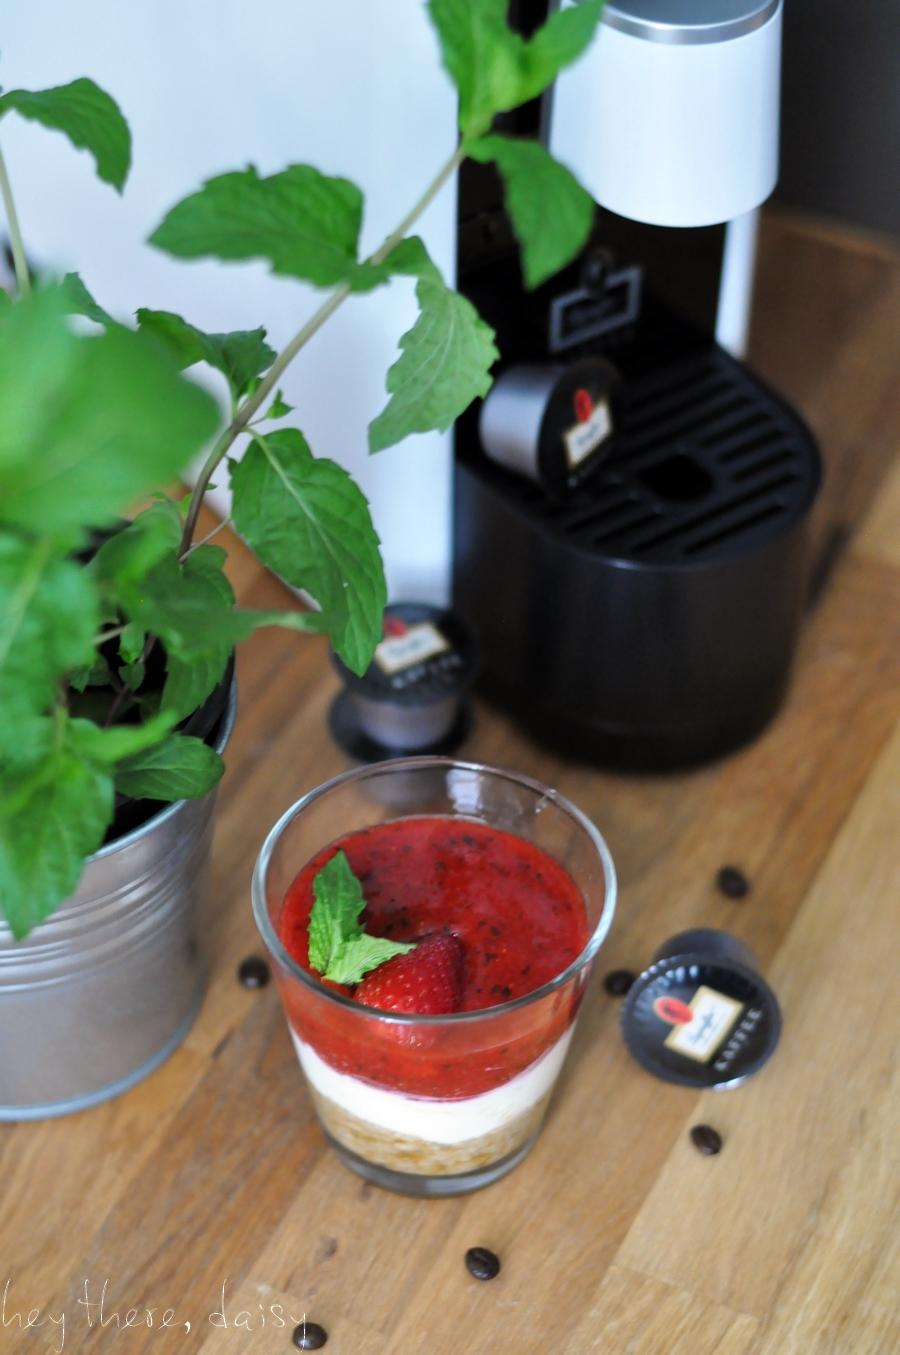 Muttertag: fruchtiges Erdbeer-Tiramisu mit Minze und Leysieffer | hey there, daisy | https://www.heytheredaisy.com/muttertag-fruchtig-erdbeer-tiramisu-minze-kaffee-leysieffer/